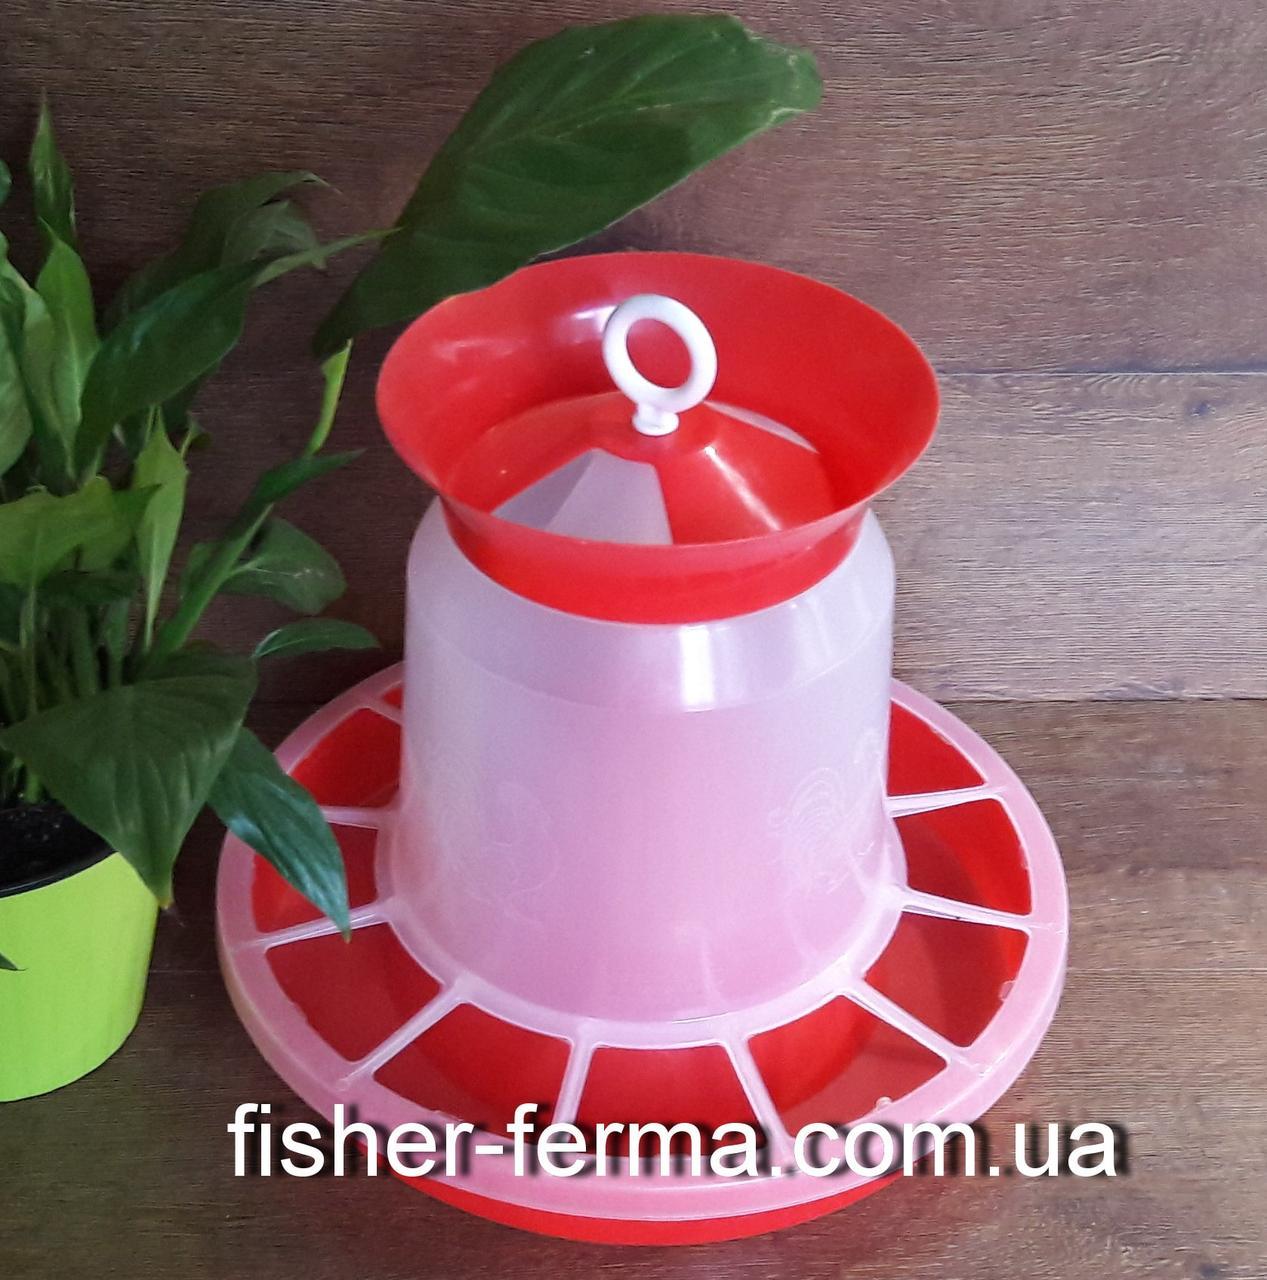 Кормушка с клапаном для домашней птицы объем 10 л